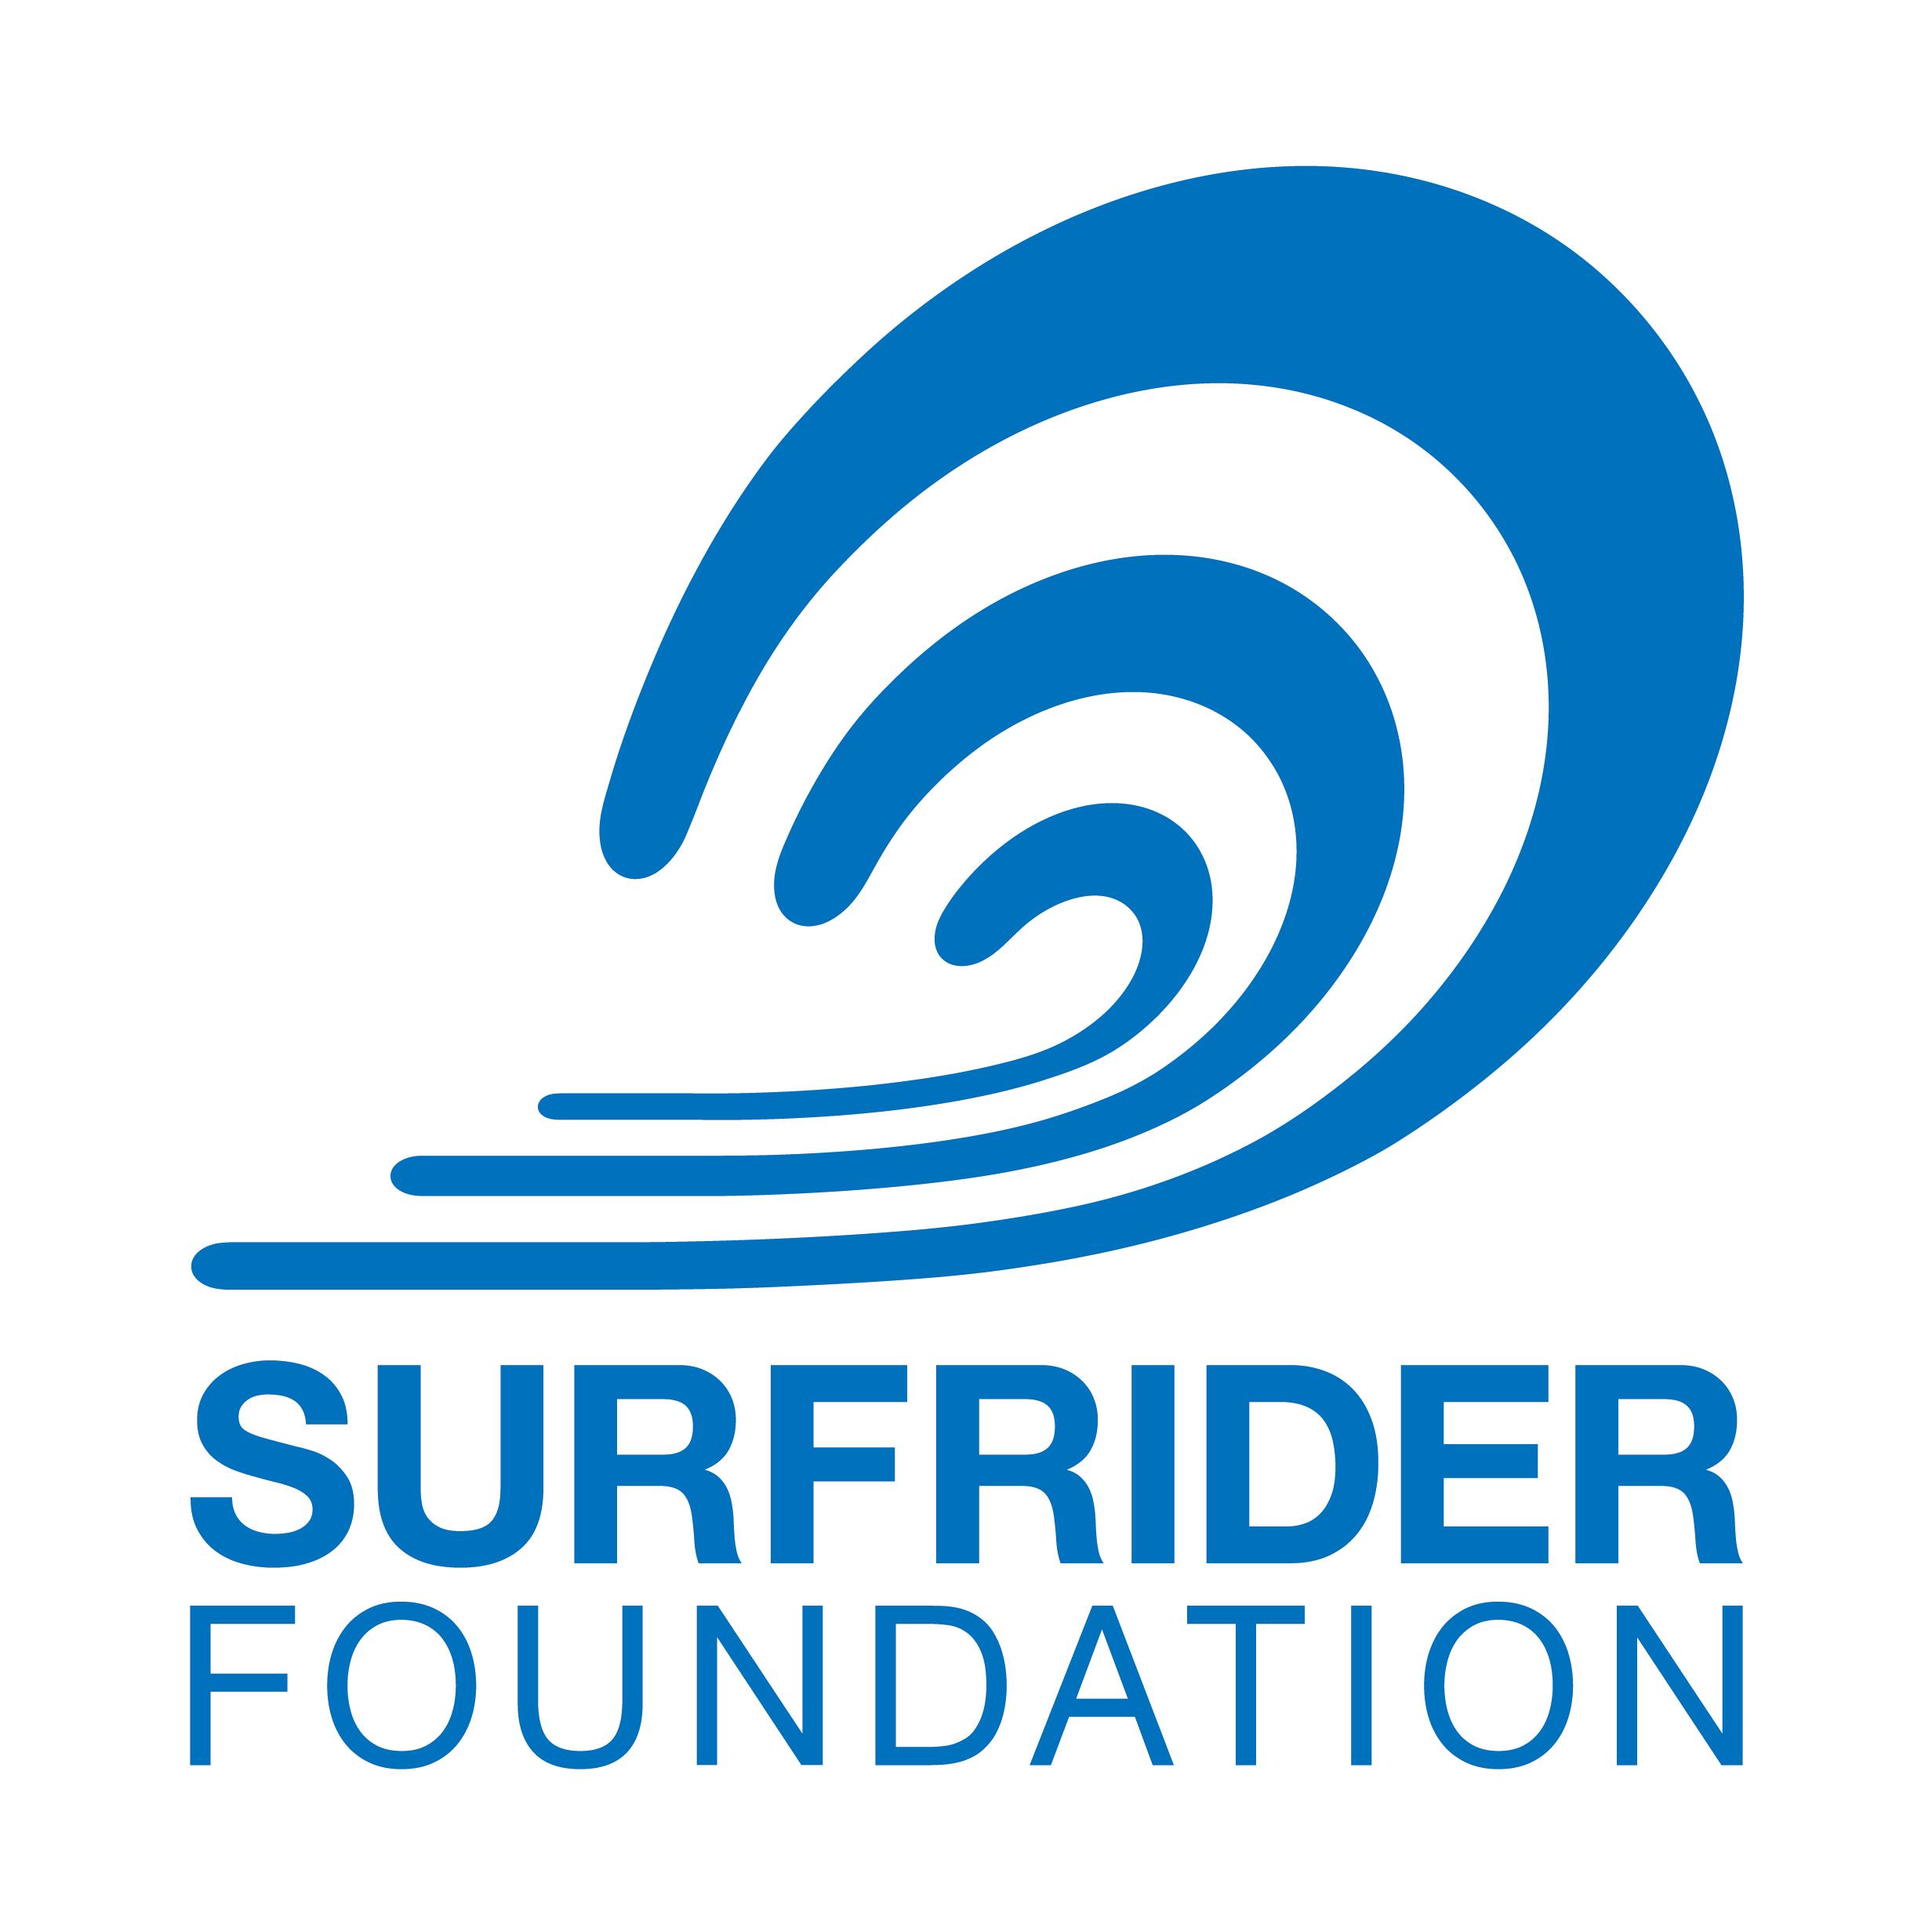 国際環境NGO Surfrider Foundation Japanの記事一覧